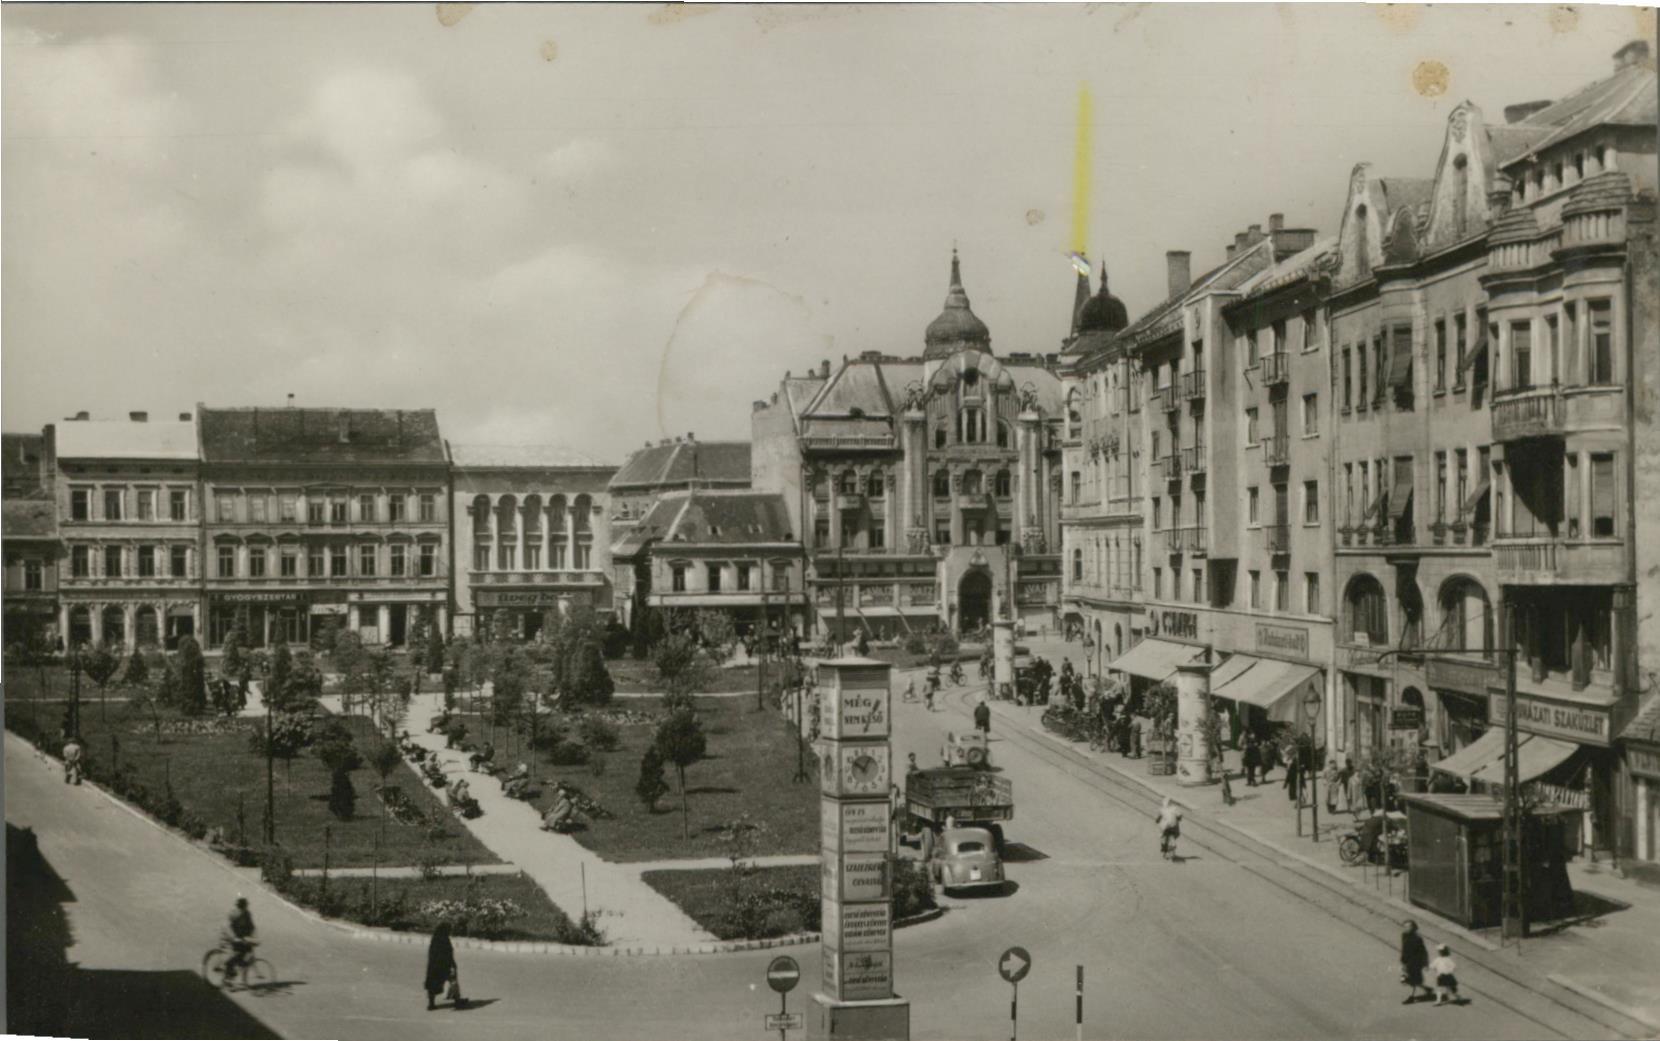 Szombathely. Köztársaság tér. Alte AK s/w. Partie am Platz, Litfaßsäule, Auto, Geschäfte, Passanten, Ungarn